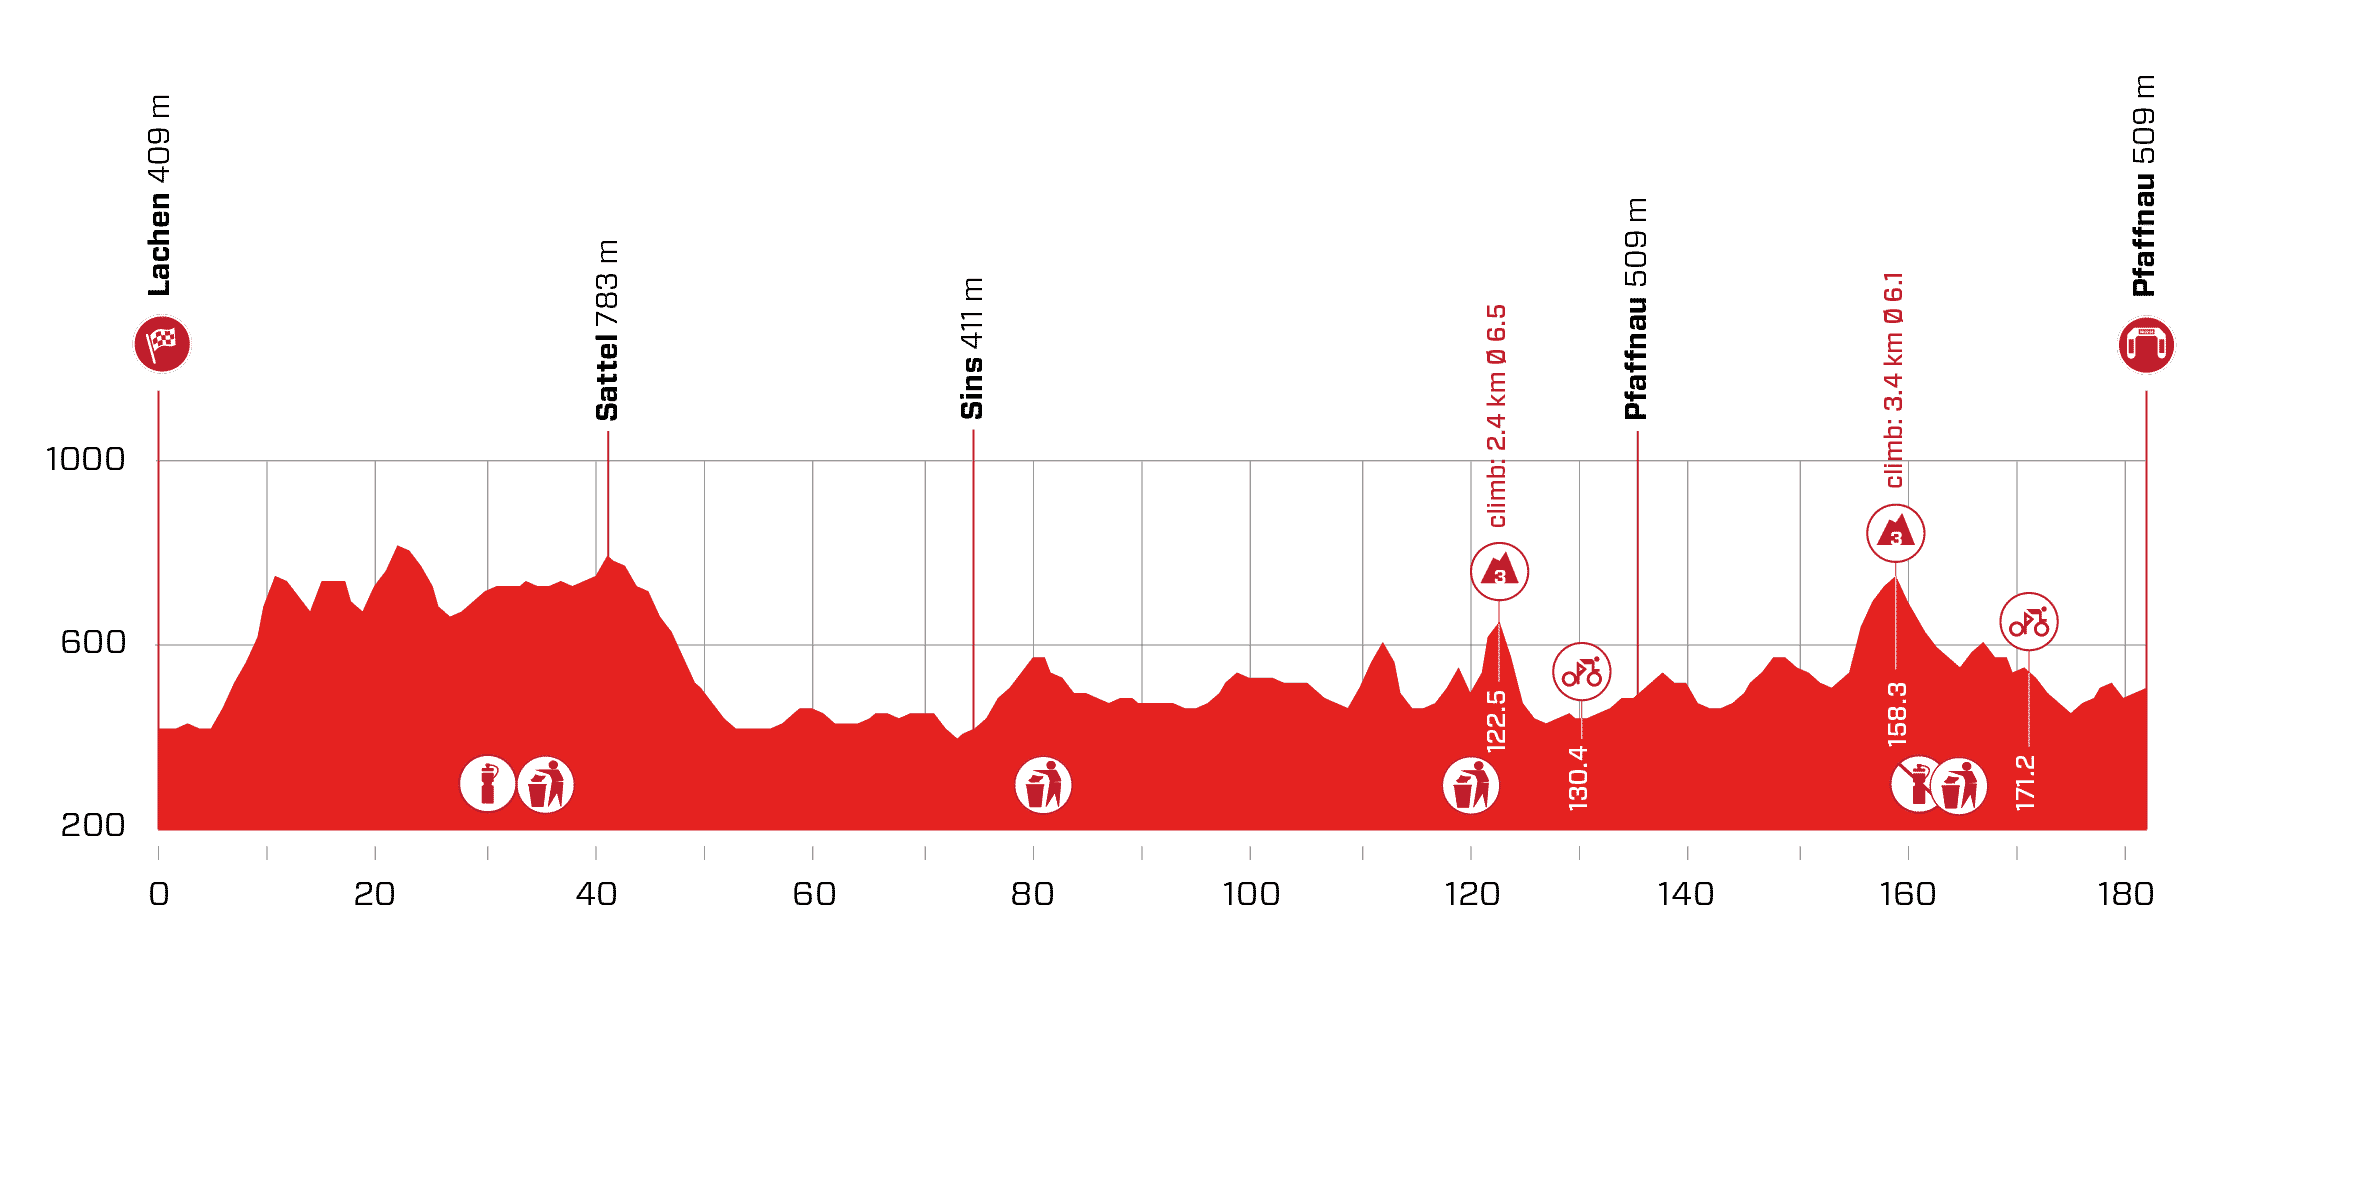 3. etapa pretekov okolo švajčiarska 2021